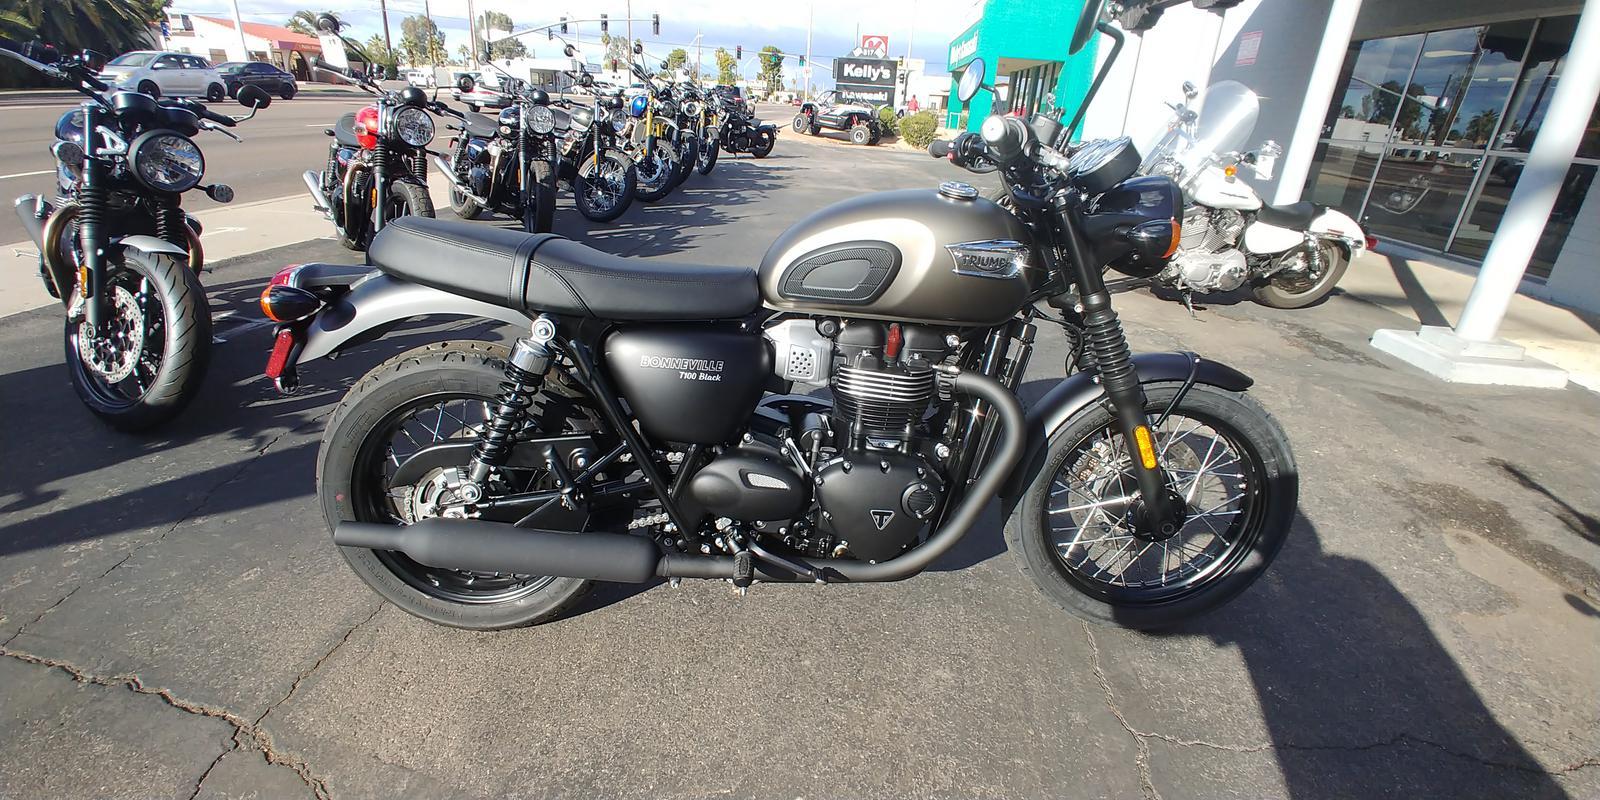 2020 Triumph Bonneville T100 Black 900 For Sale In Mesa Az Phoenix Triumph Mesa Az 480 668 7969